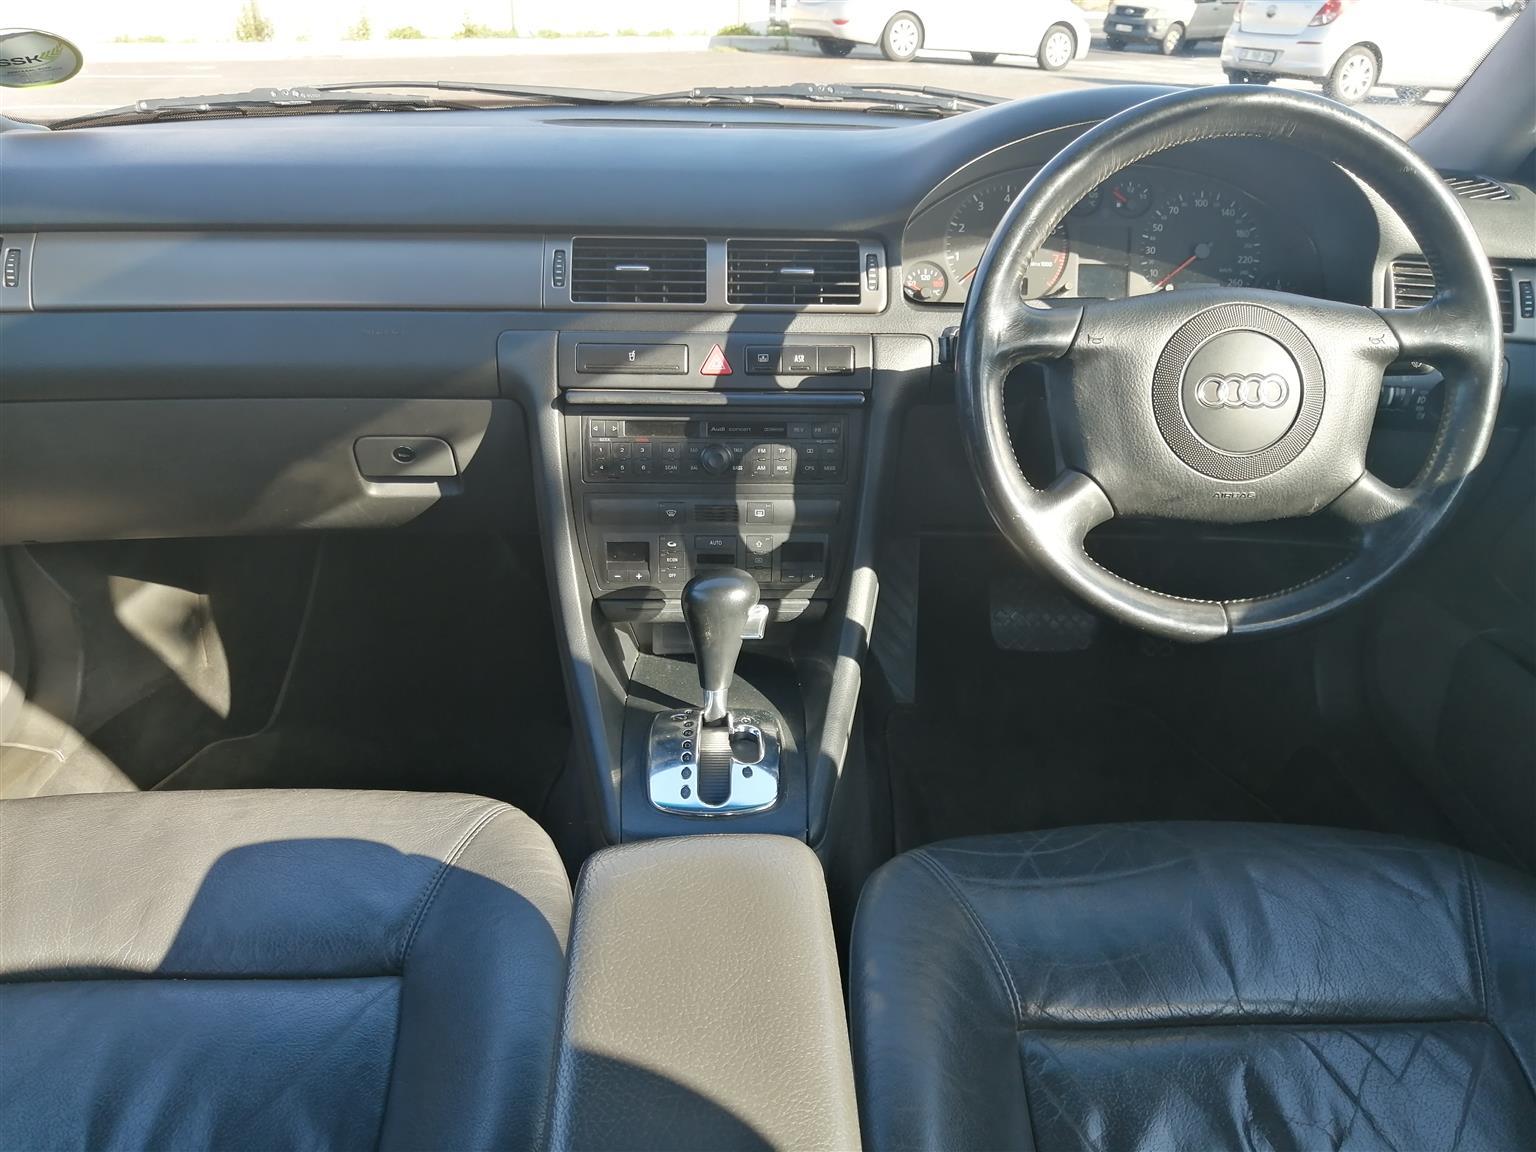 2001 Audi A6 2.4 multitronic